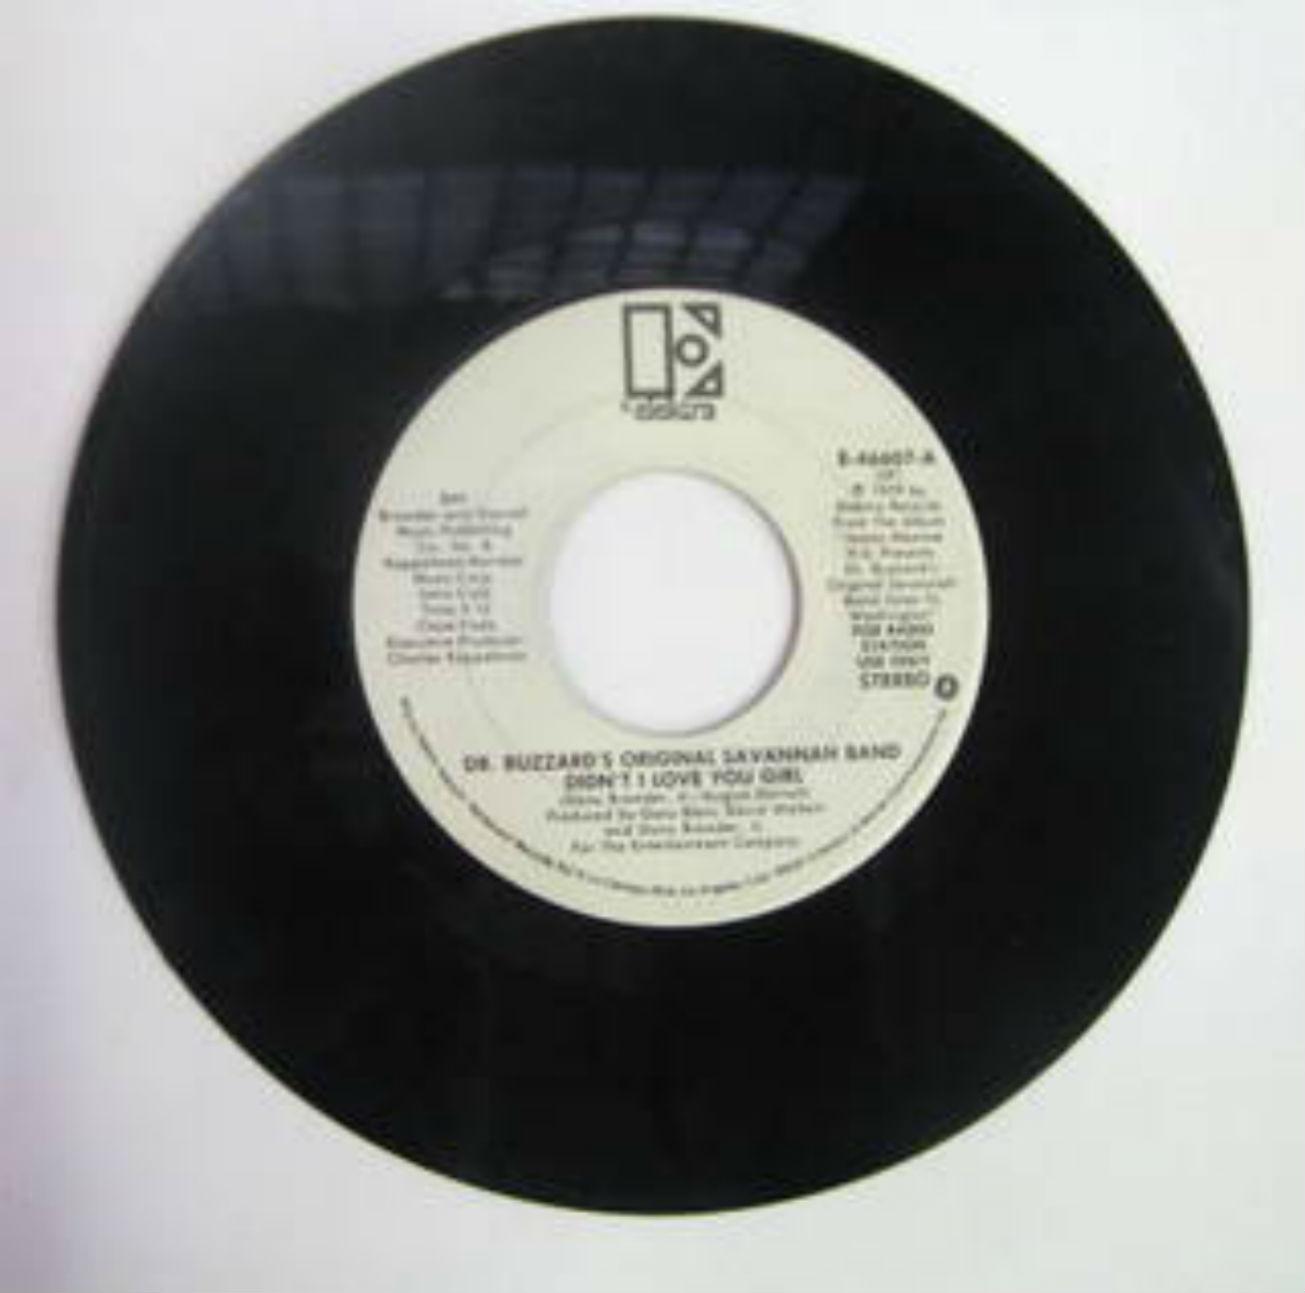 Dr. Buzzard's Original Savannah Band / Didn't I Love You Girl